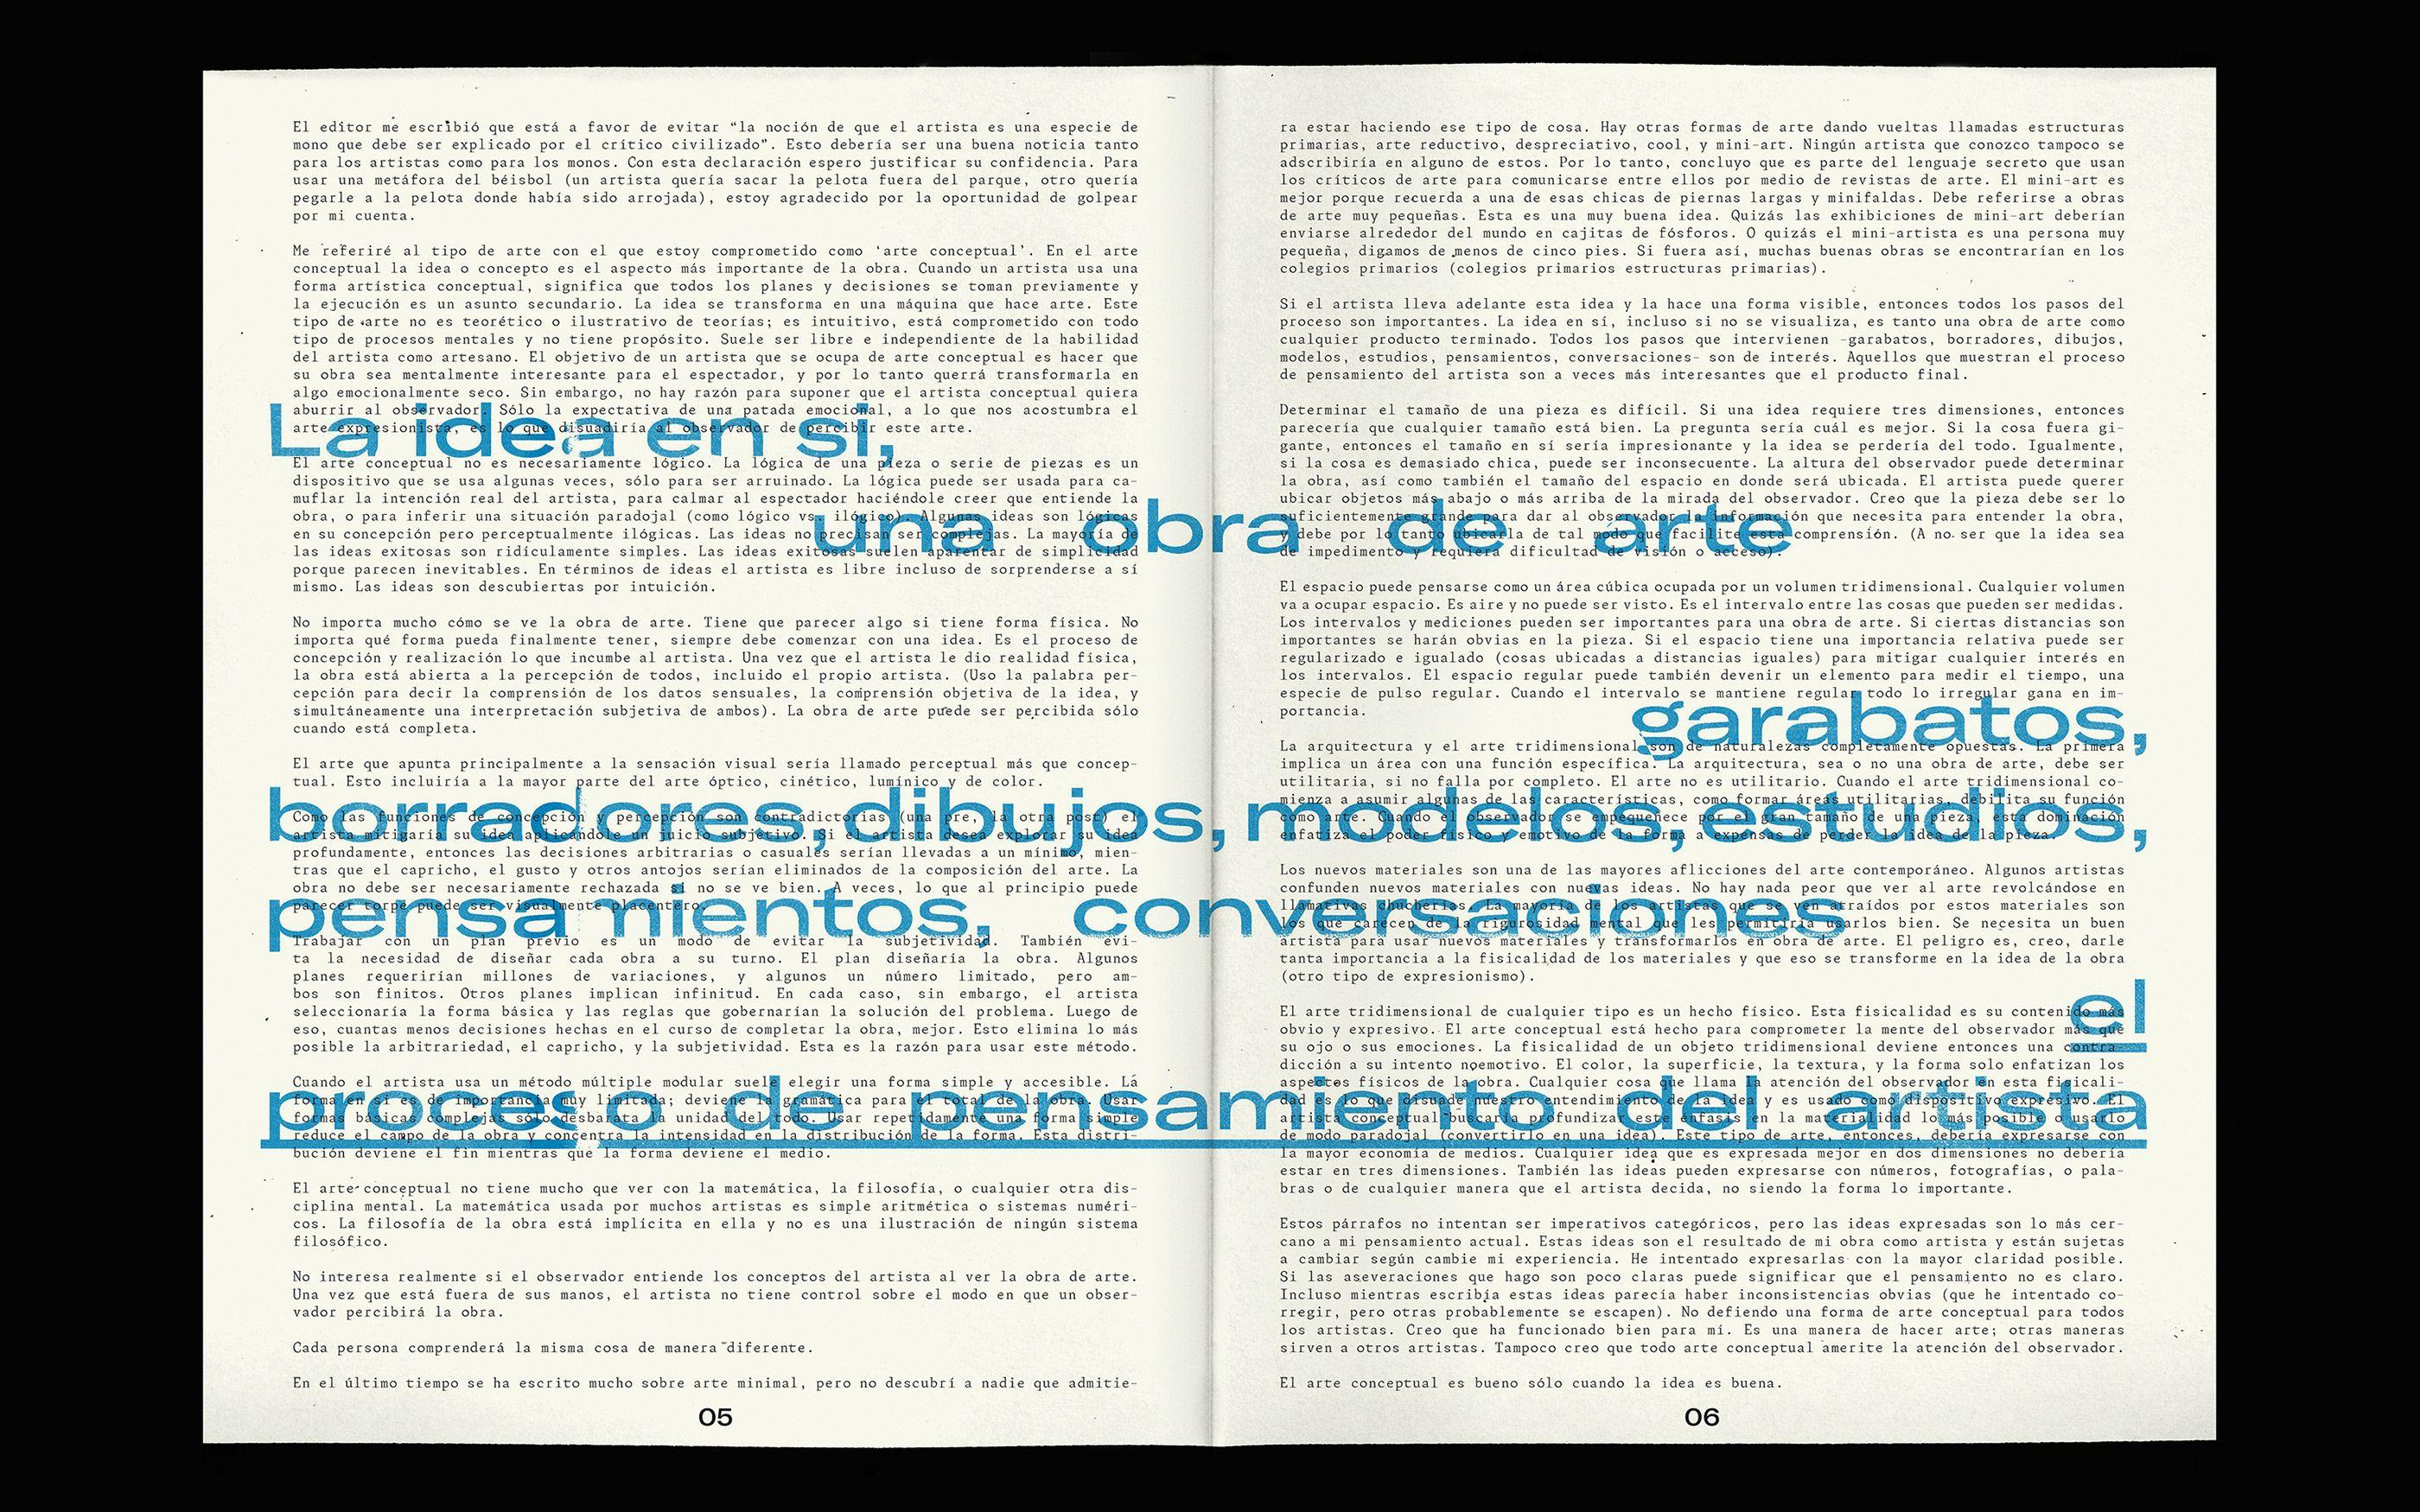 Partituras de formas primarias Editorial on Behance